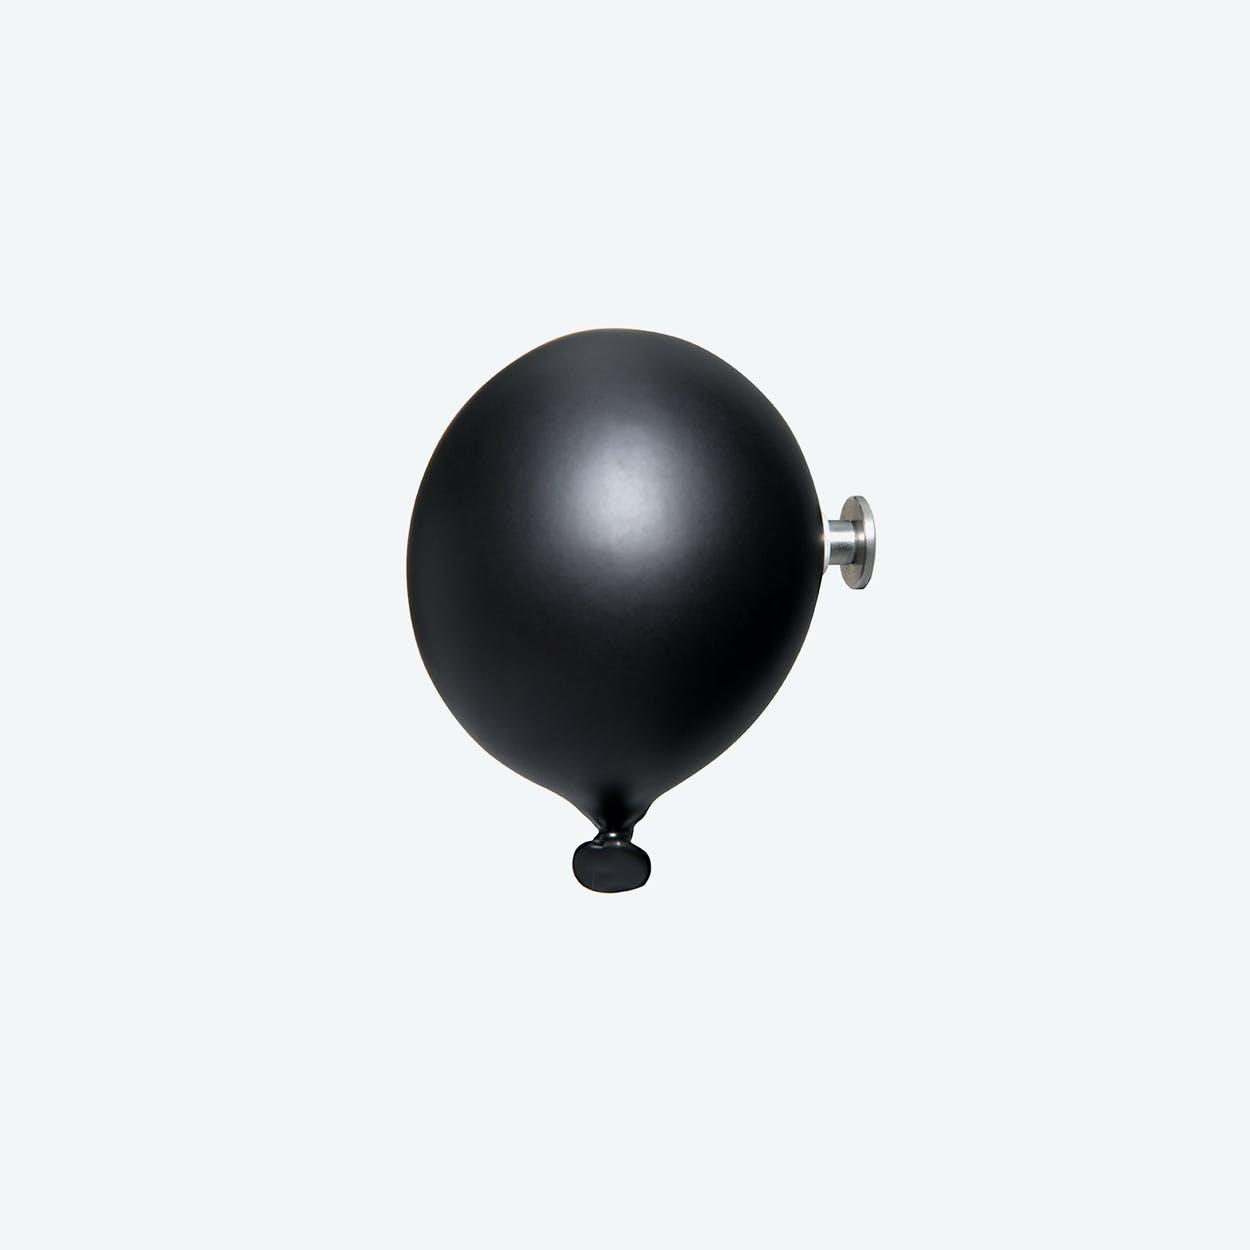 Mini Balloon Wall Hook in Matte Black